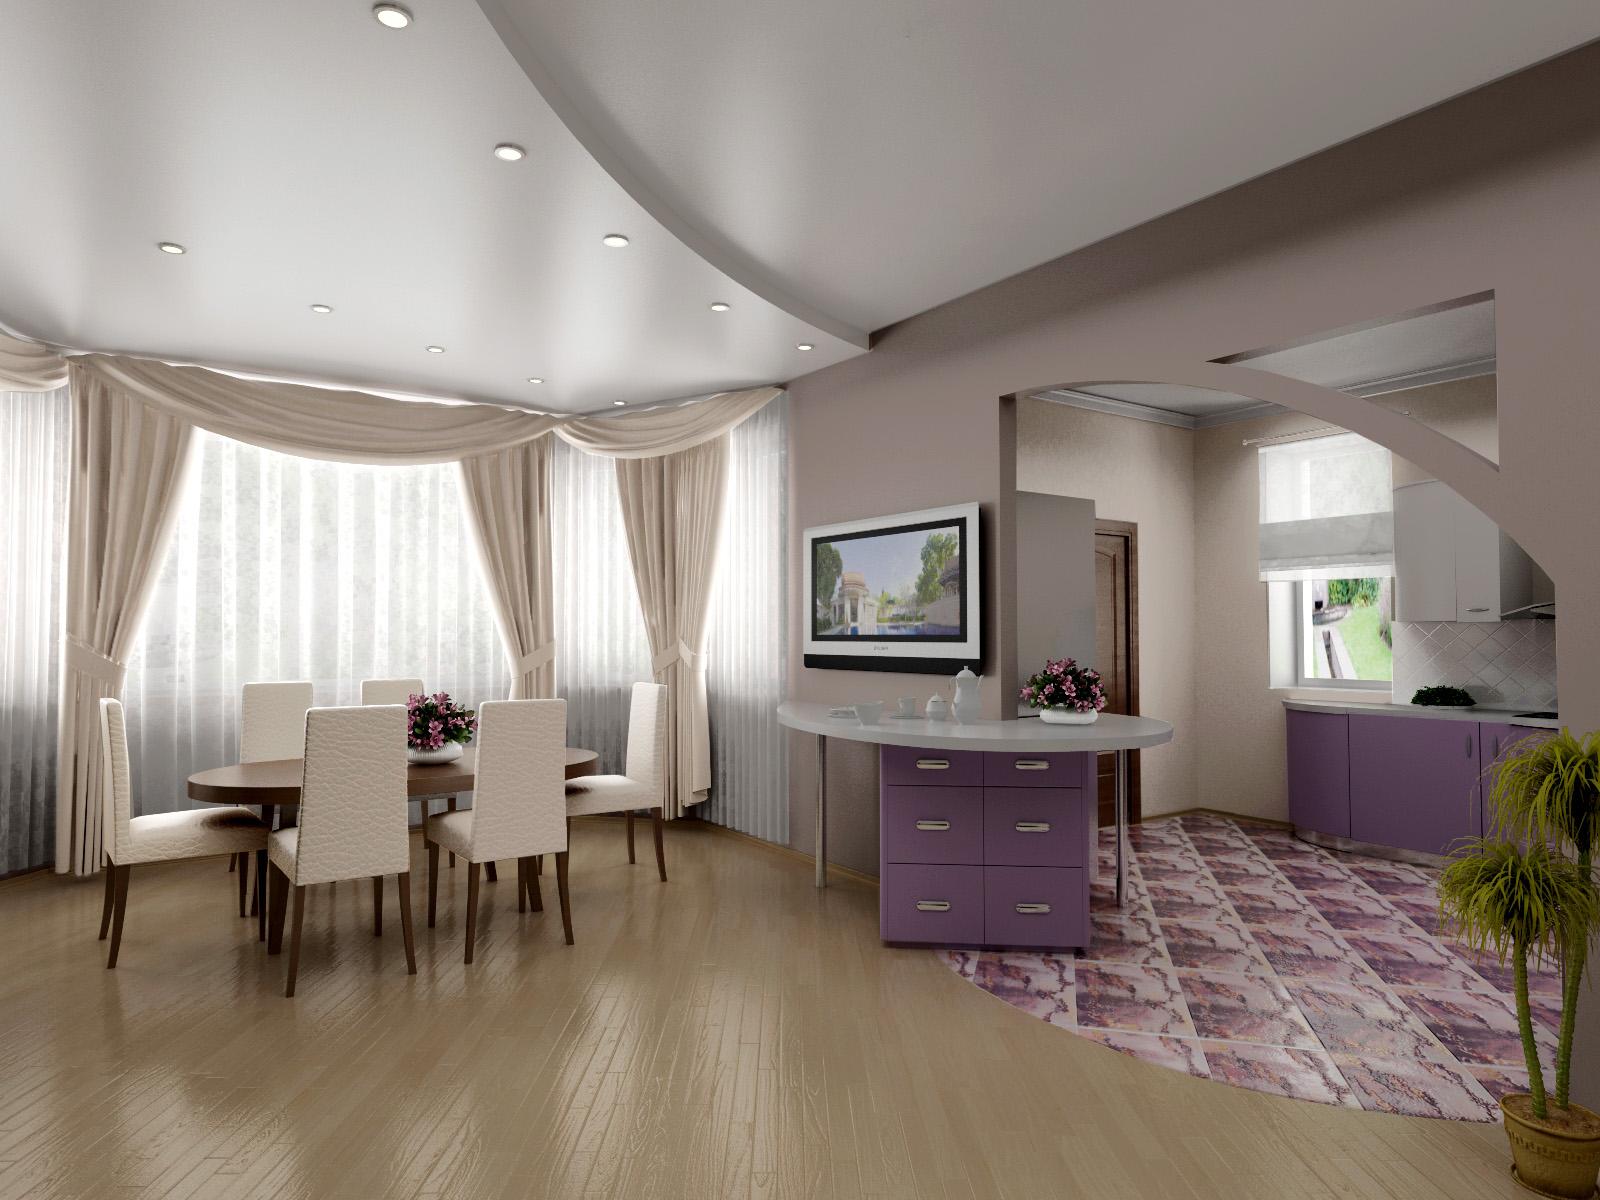 Сатиновый комбинированный потолок в интерьере